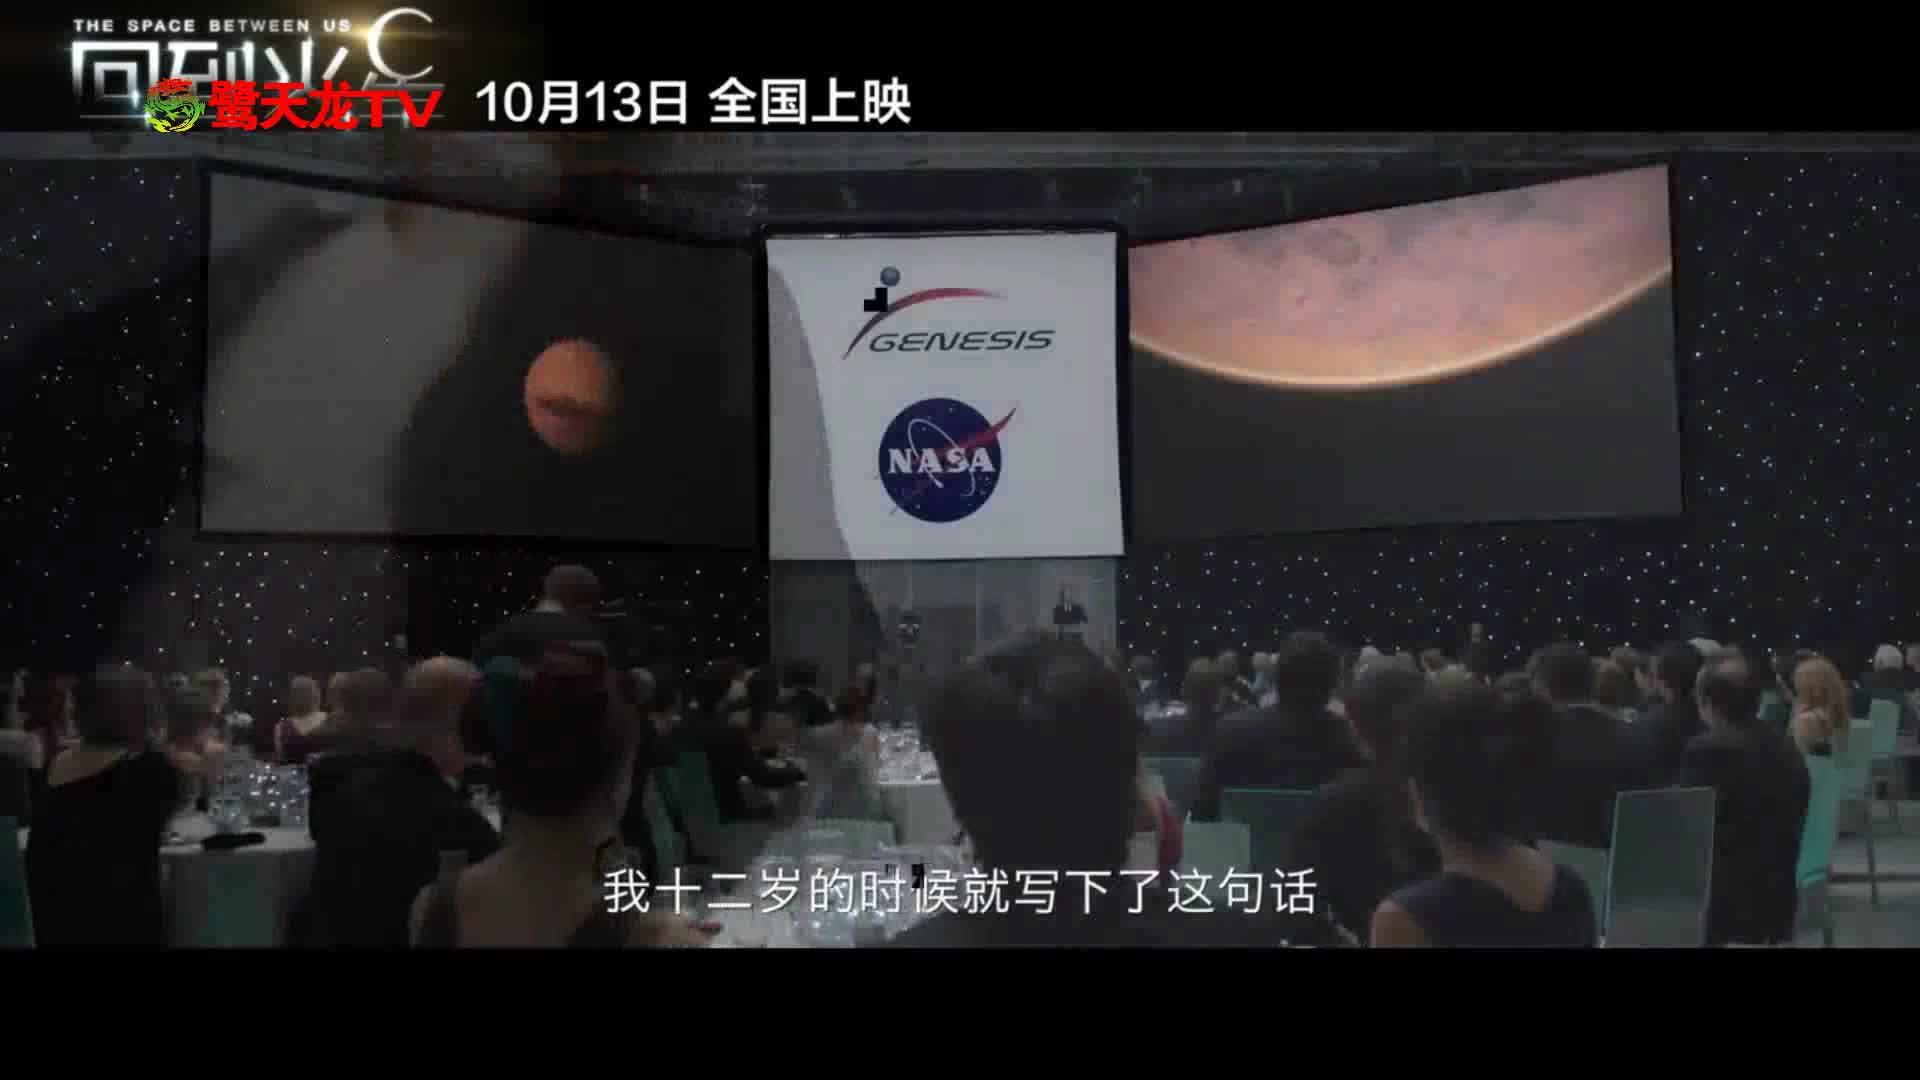 《回到火星》终极预告 跨星恋引爆极致感动